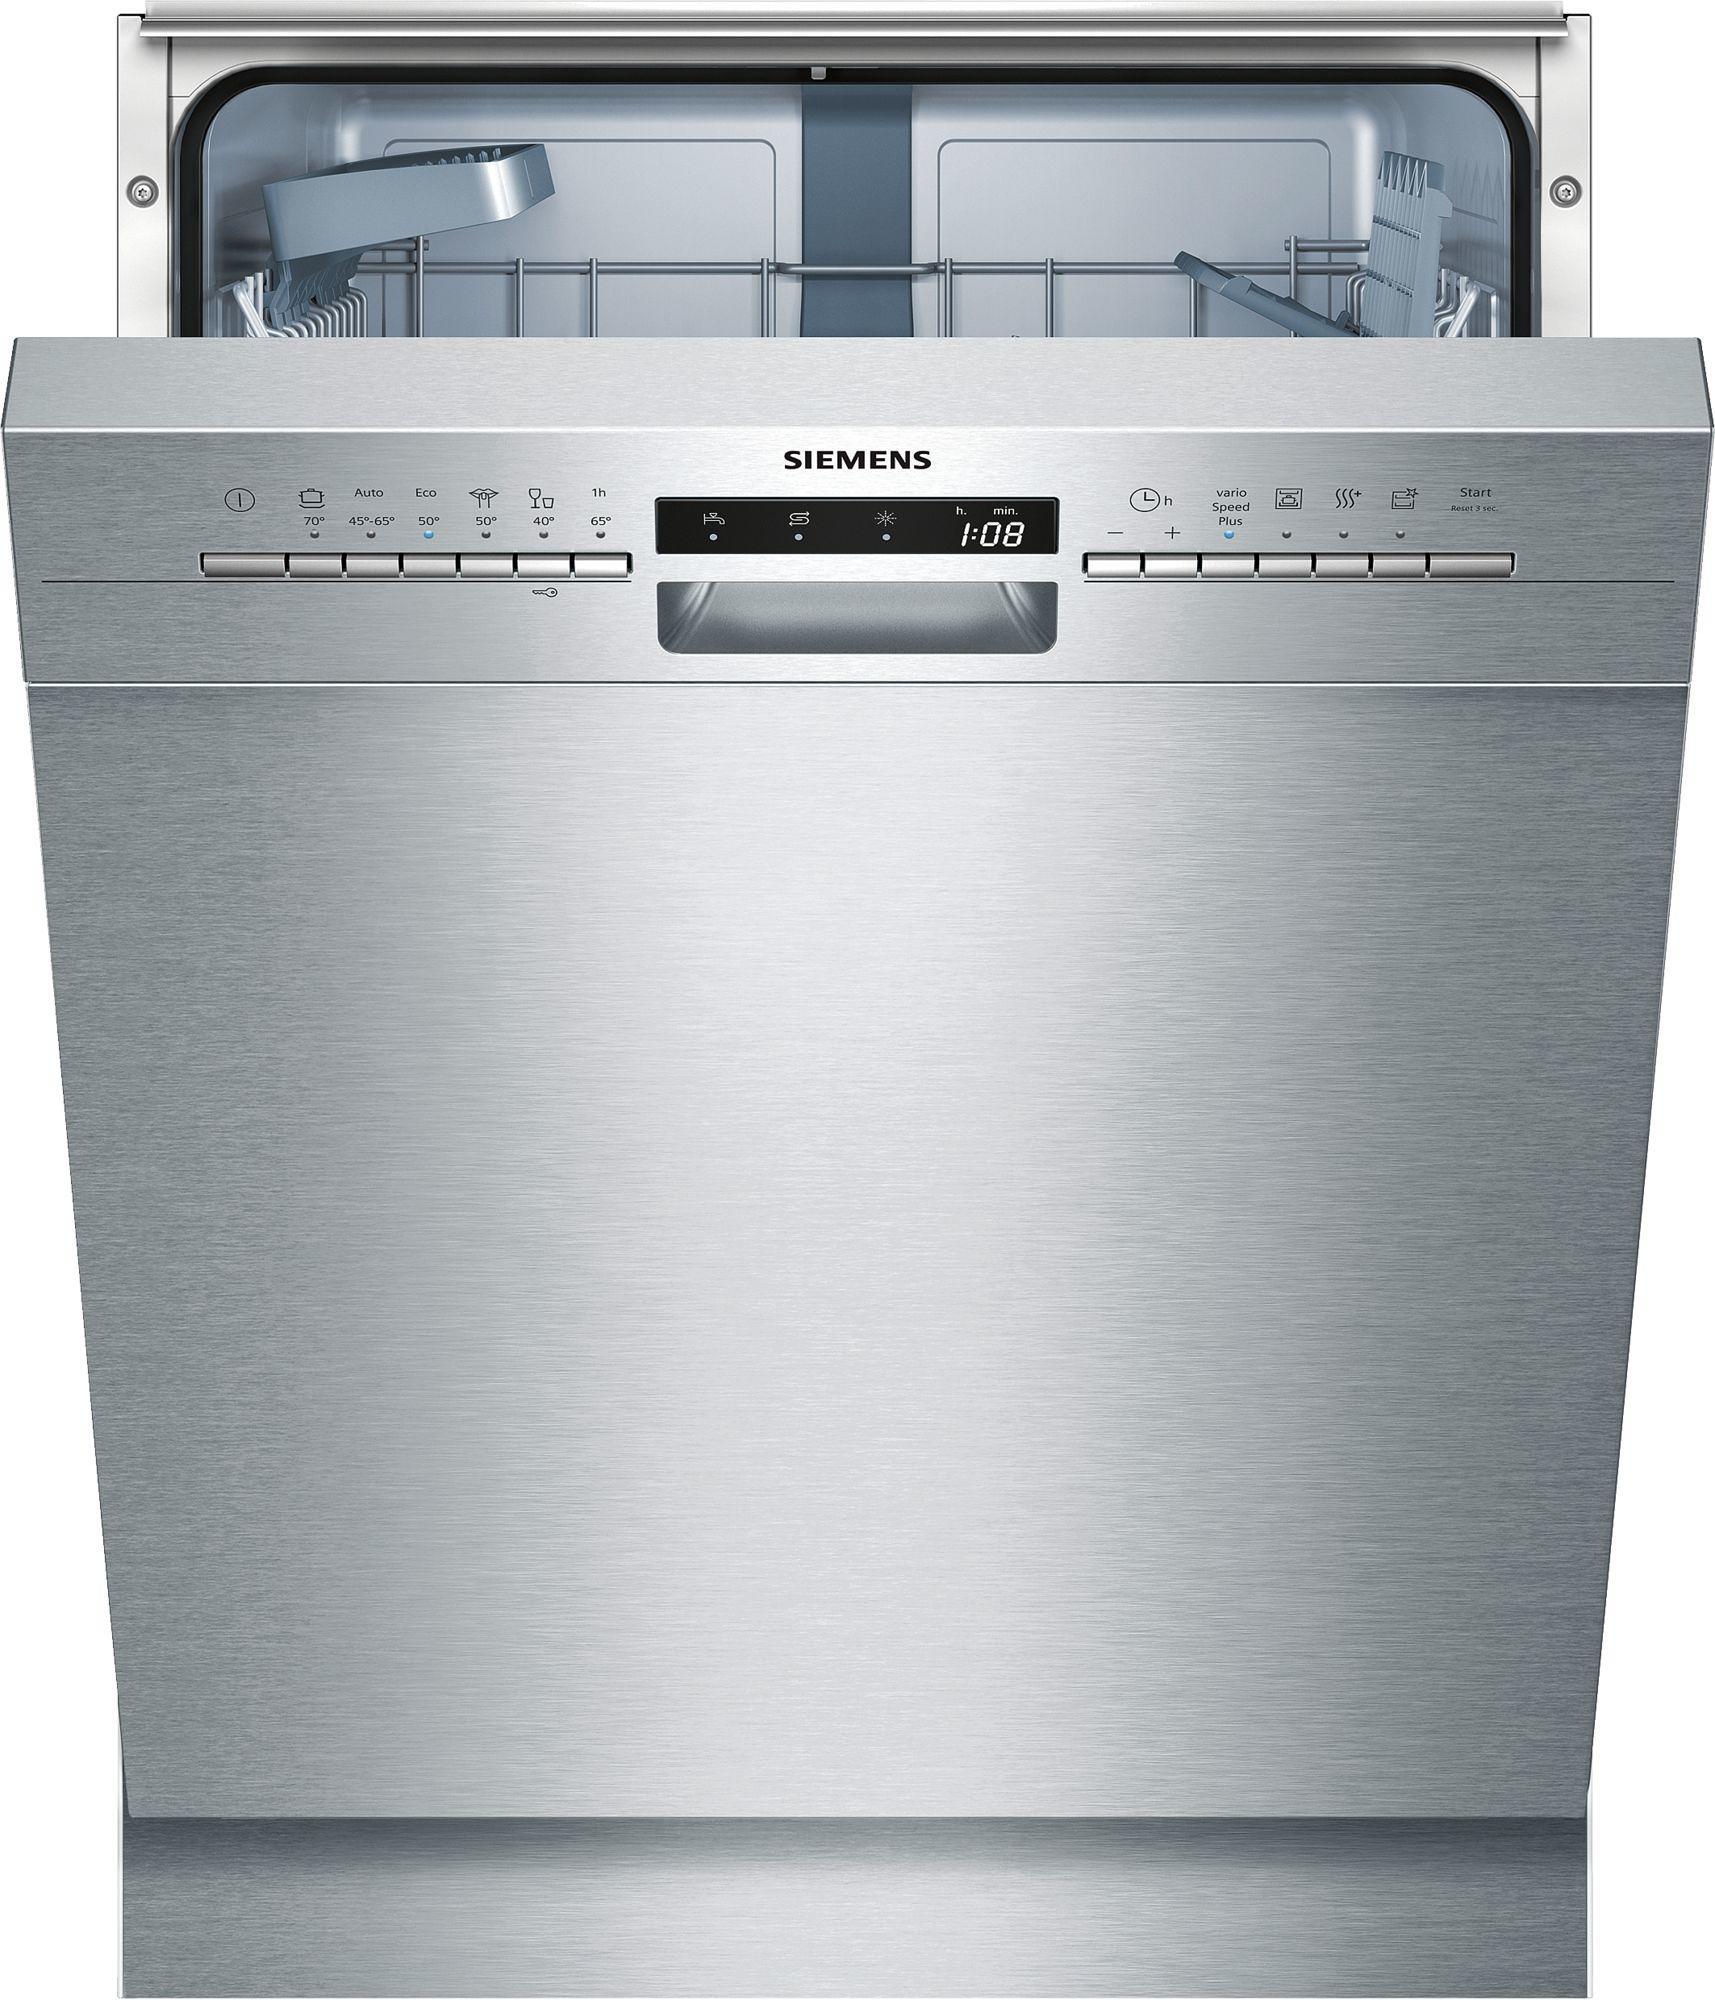 Siemens Sn436s01ce A Unterbau Geschirrspuler 60 Cm Breit